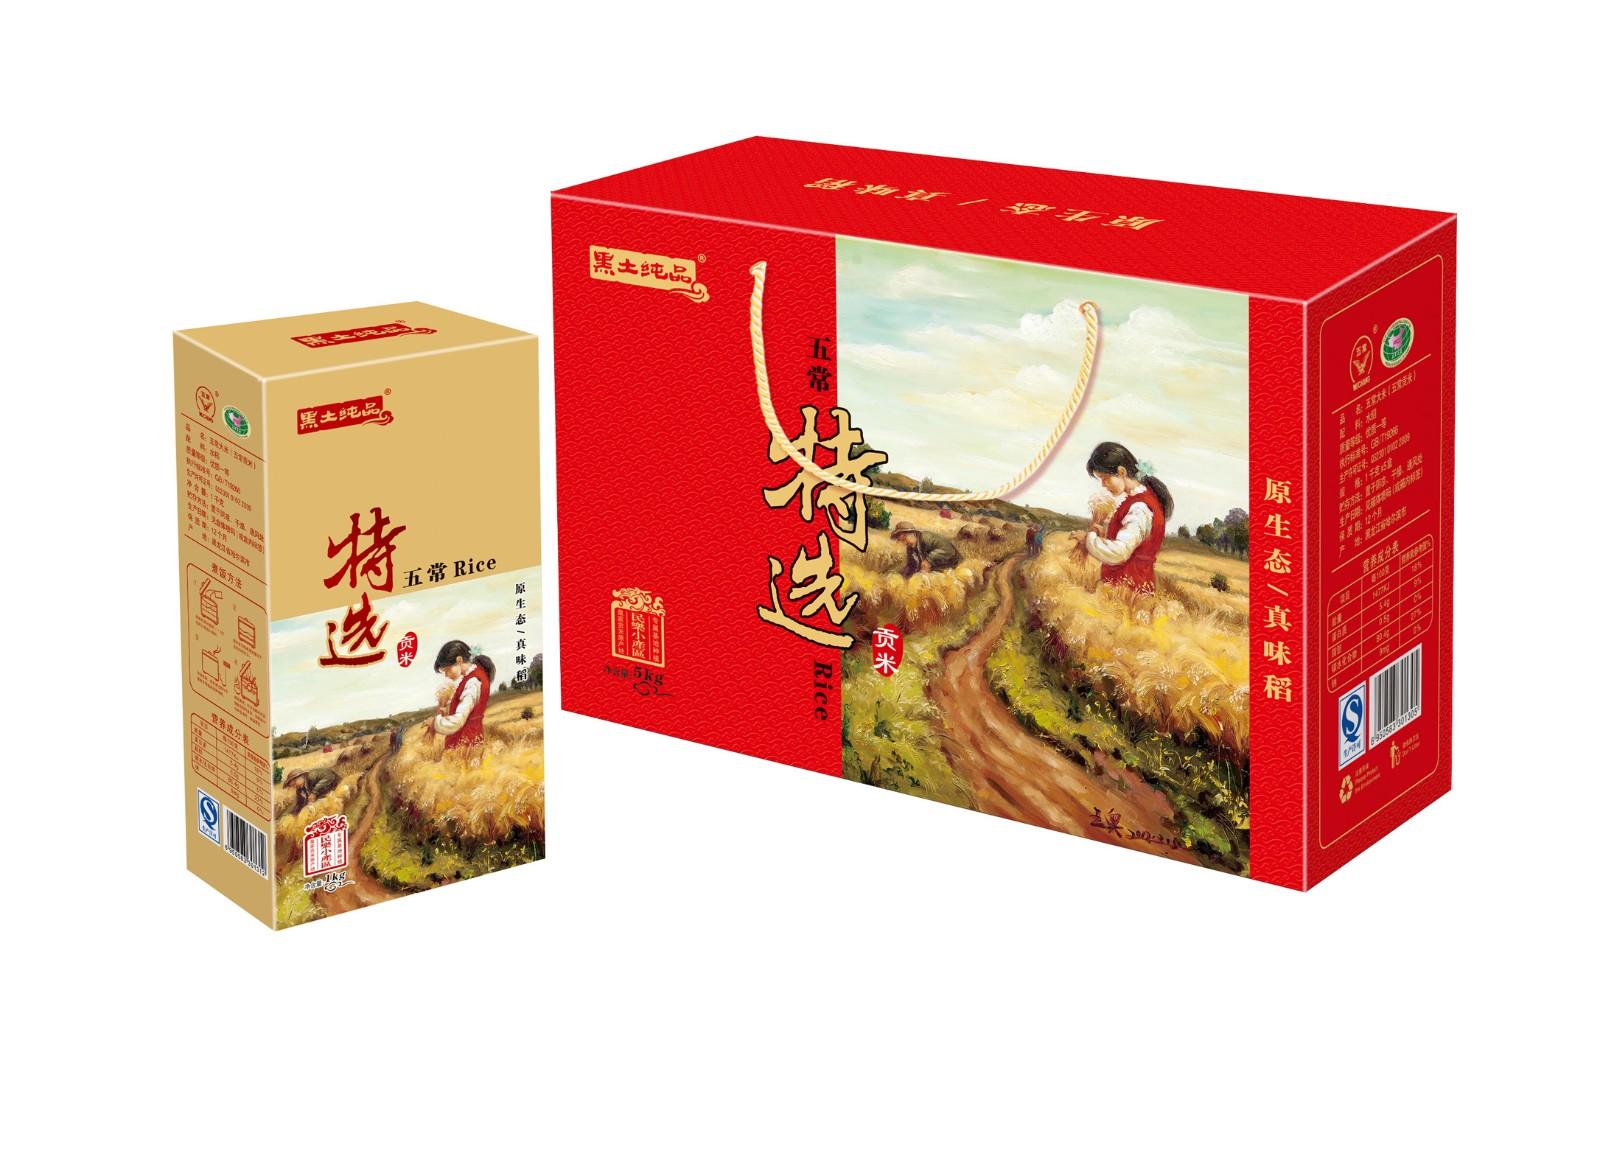 大米包裝箱4.jpg